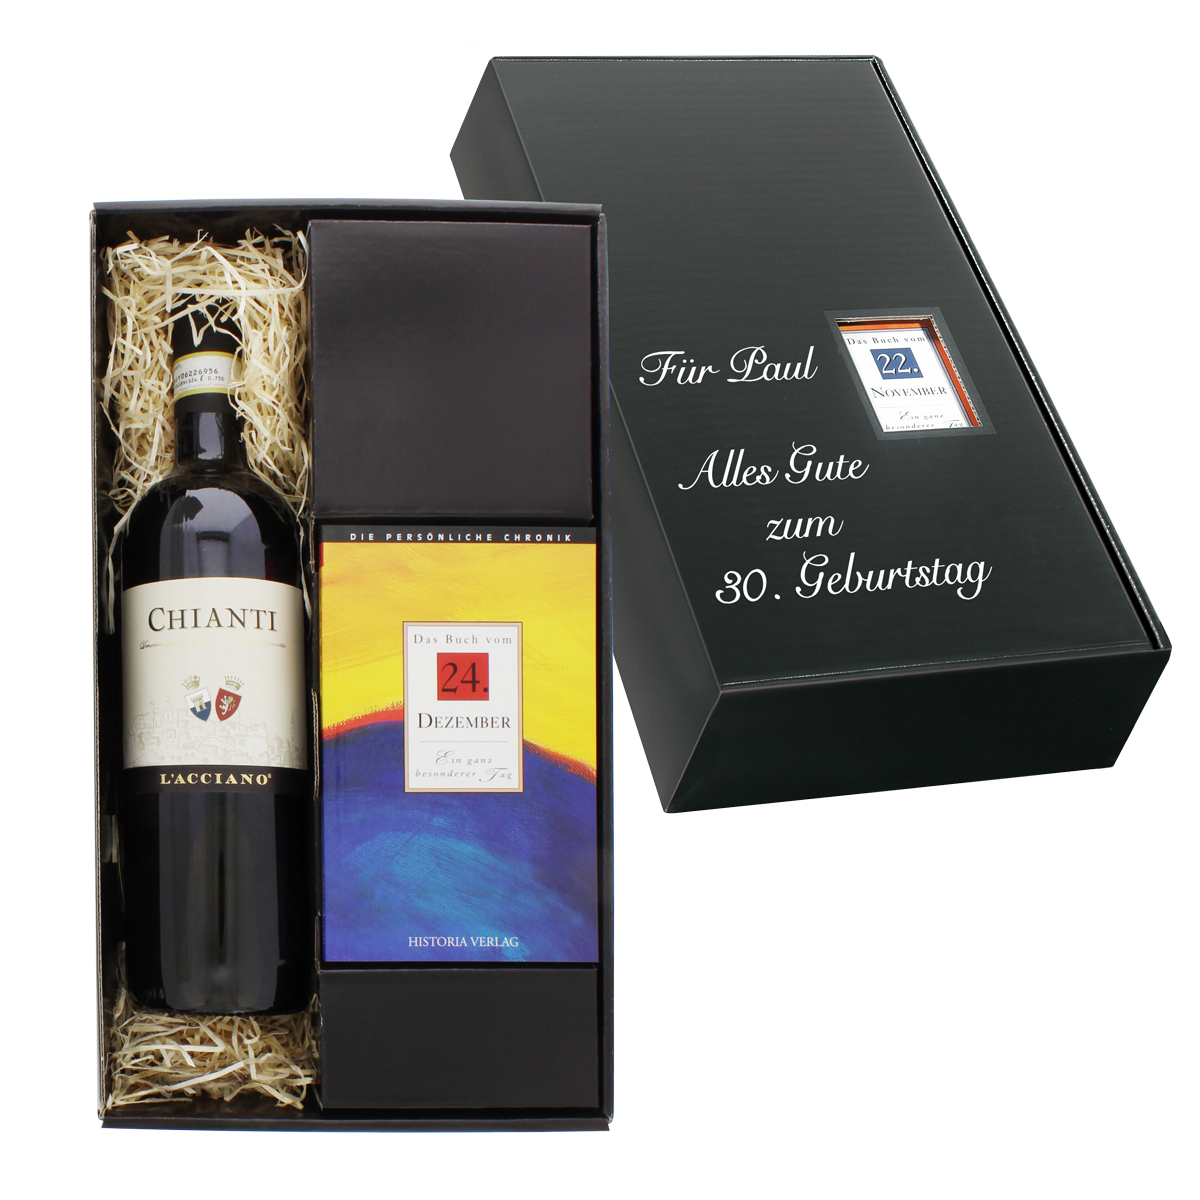 Italien-Set: Tageschronik vom 12. April & Chianti-Wein